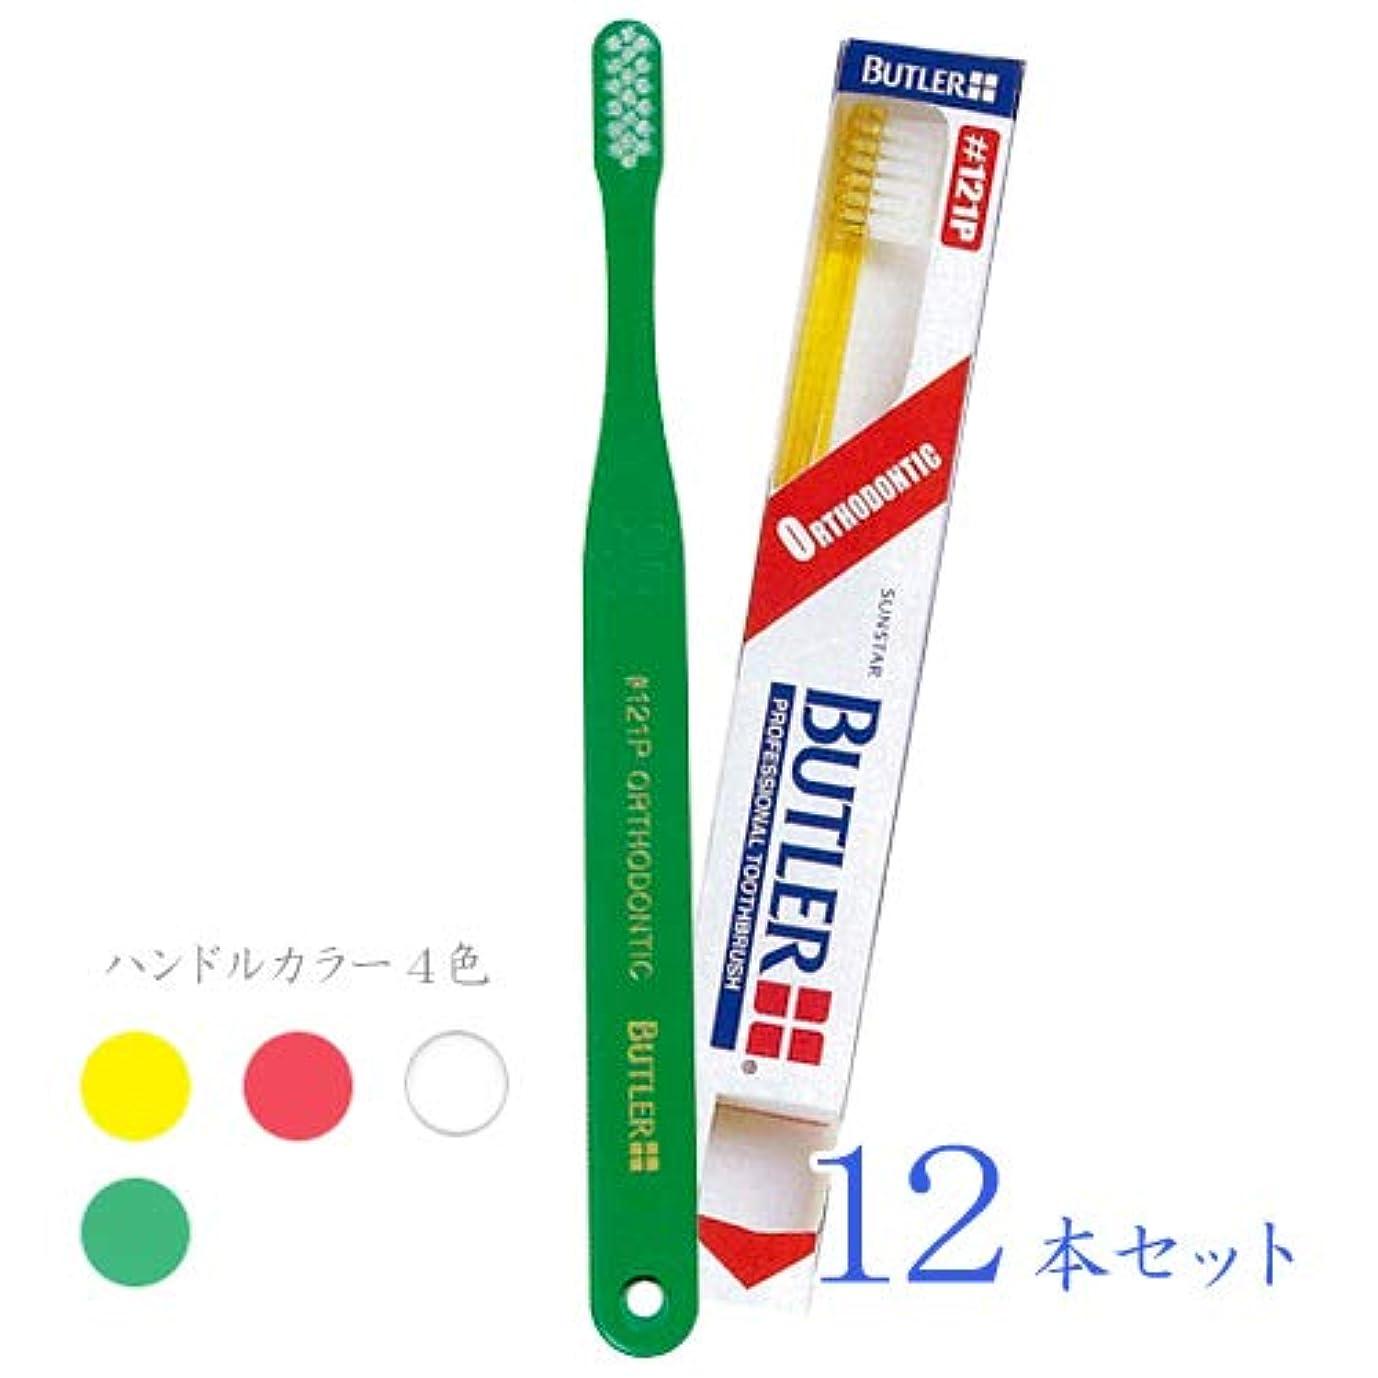 明らかスカウト発生するバトラー 歯ブラシ #121P 12本入